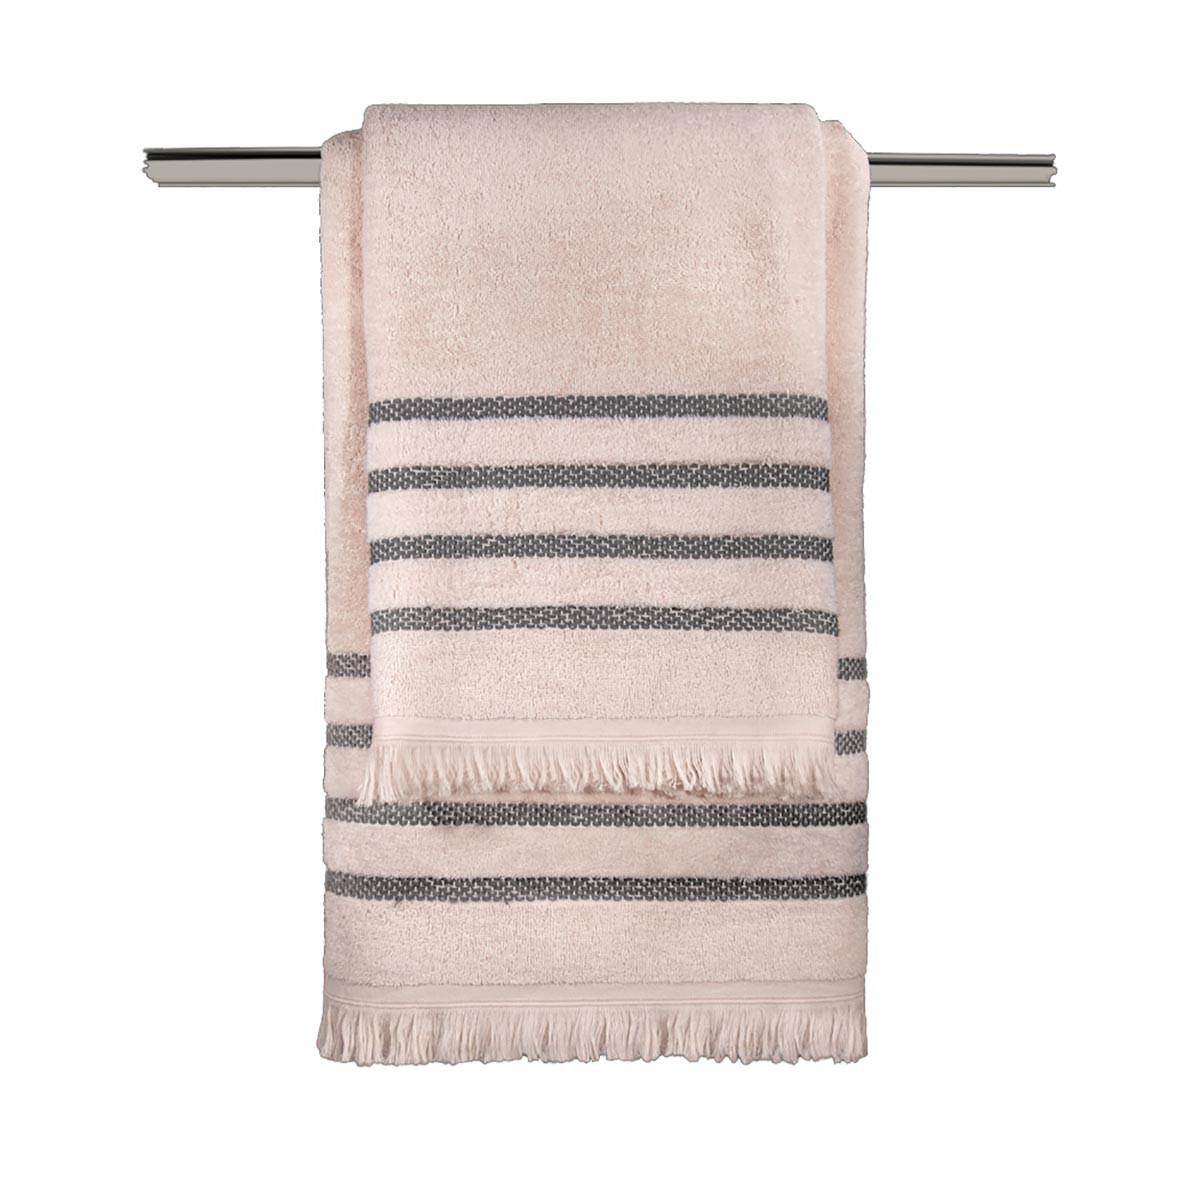 Πετσέτες Μπάνιου (Σετ 3τμχ) Guy Laroche Fabiana Old Pink